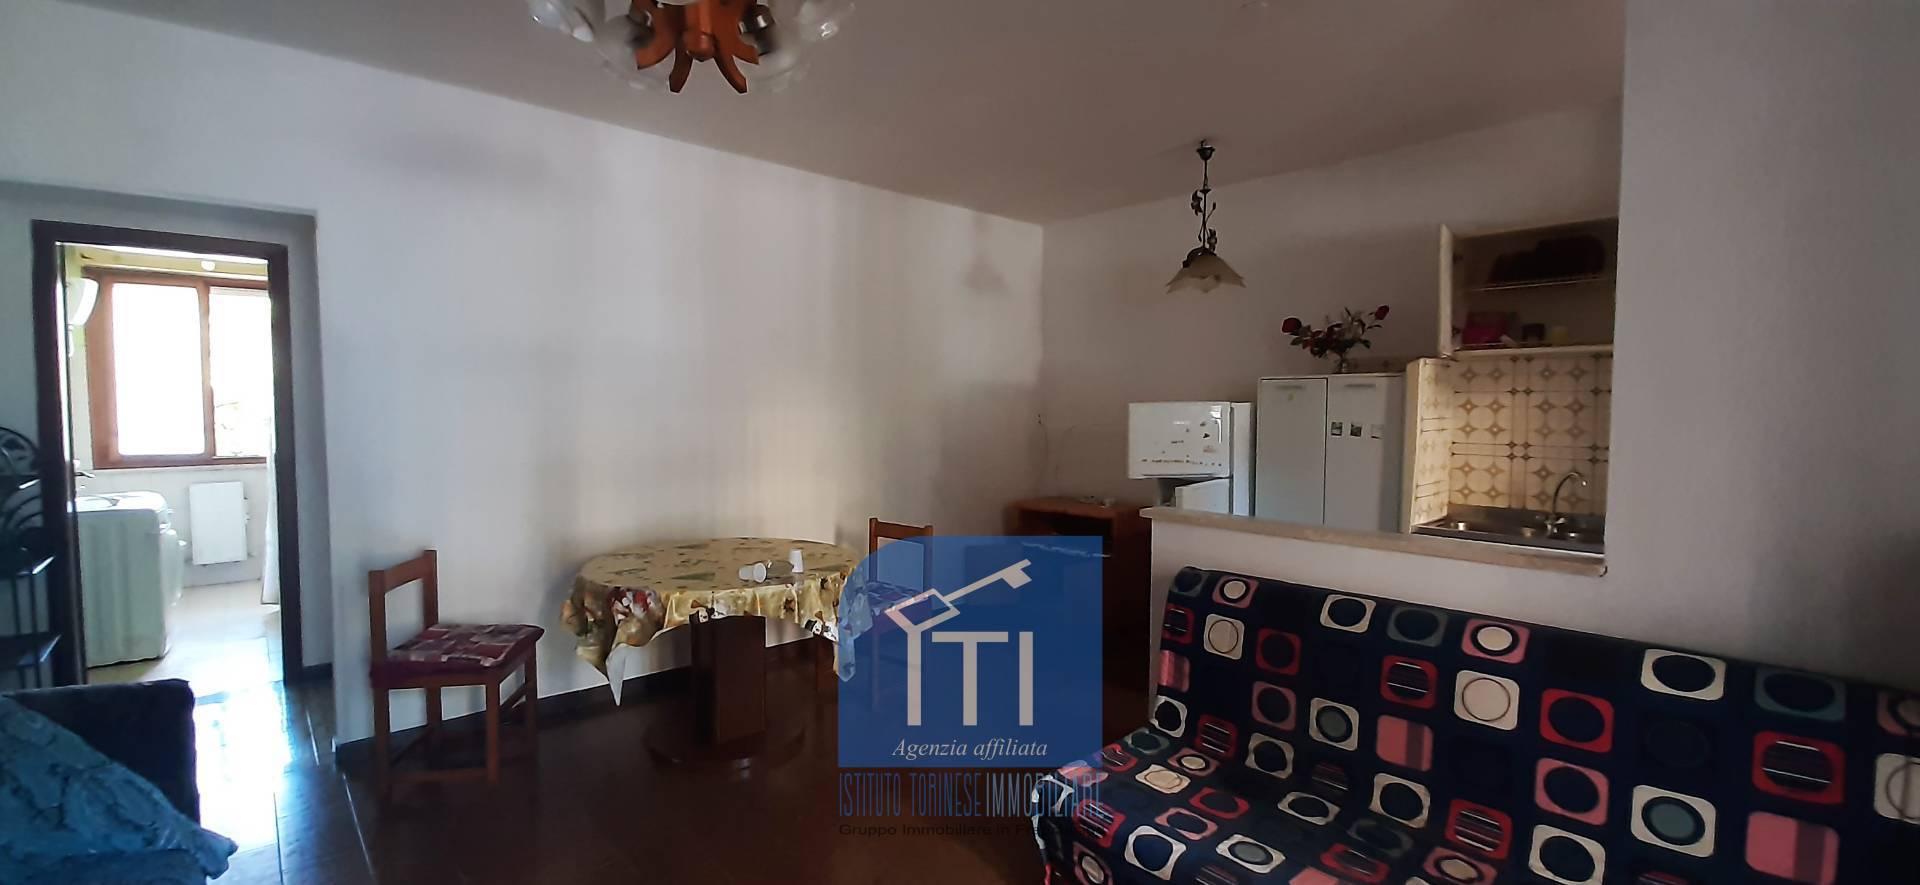 Appartamento in affitto a Cassino, 3 locali, prezzo € 300 | CambioCasa.it